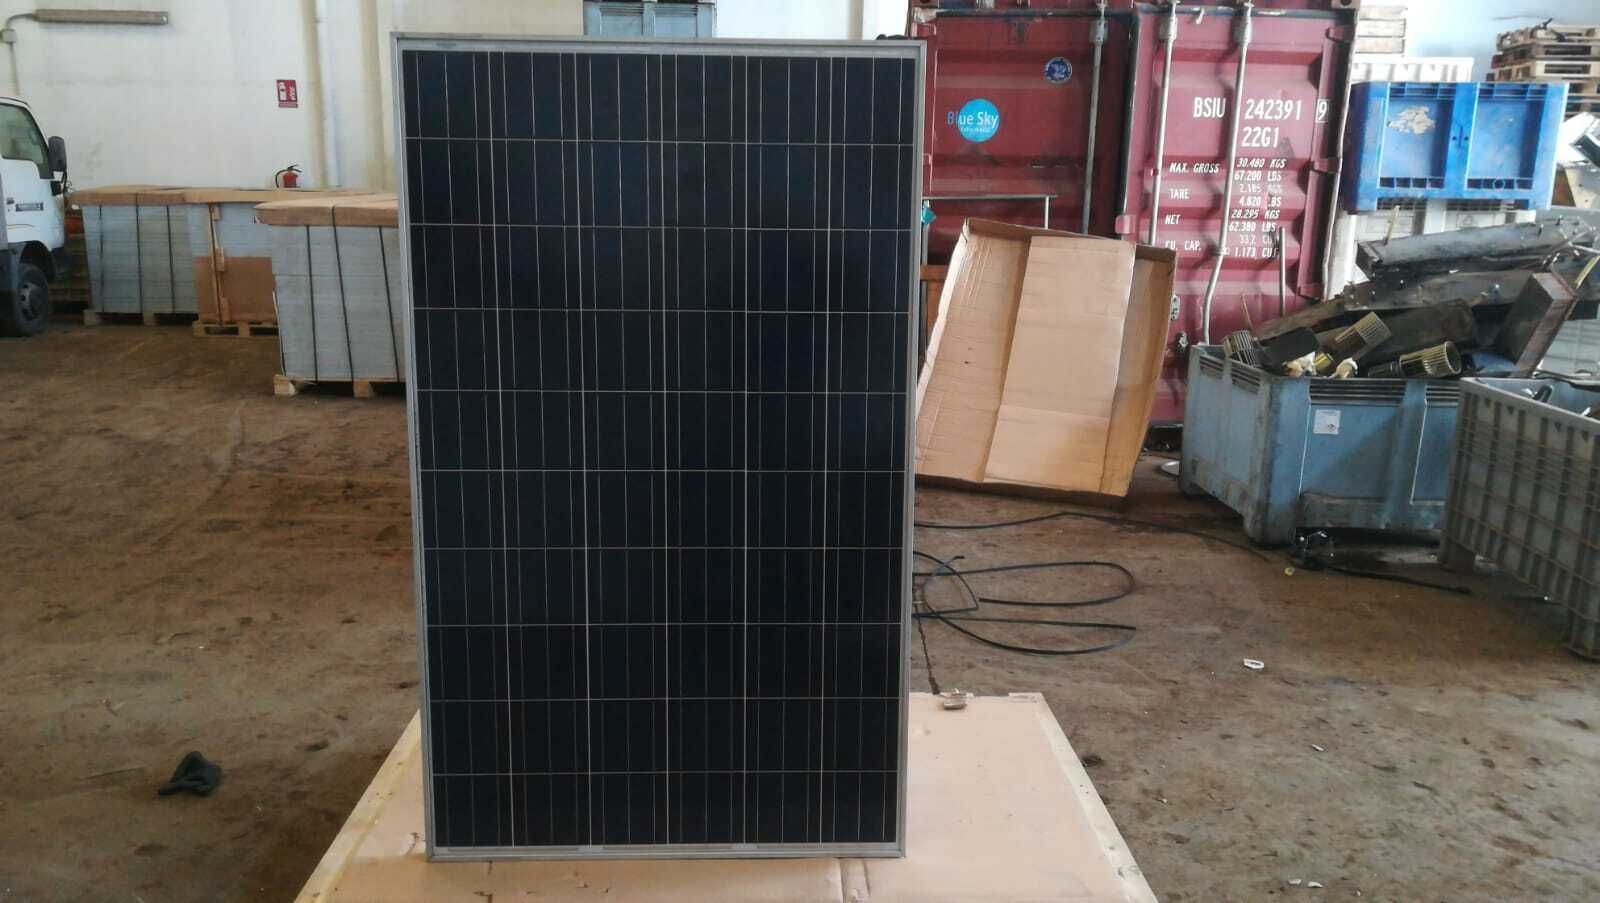 Los mit 28 Fotovoltaikmodulen der Marke Axitec. L13